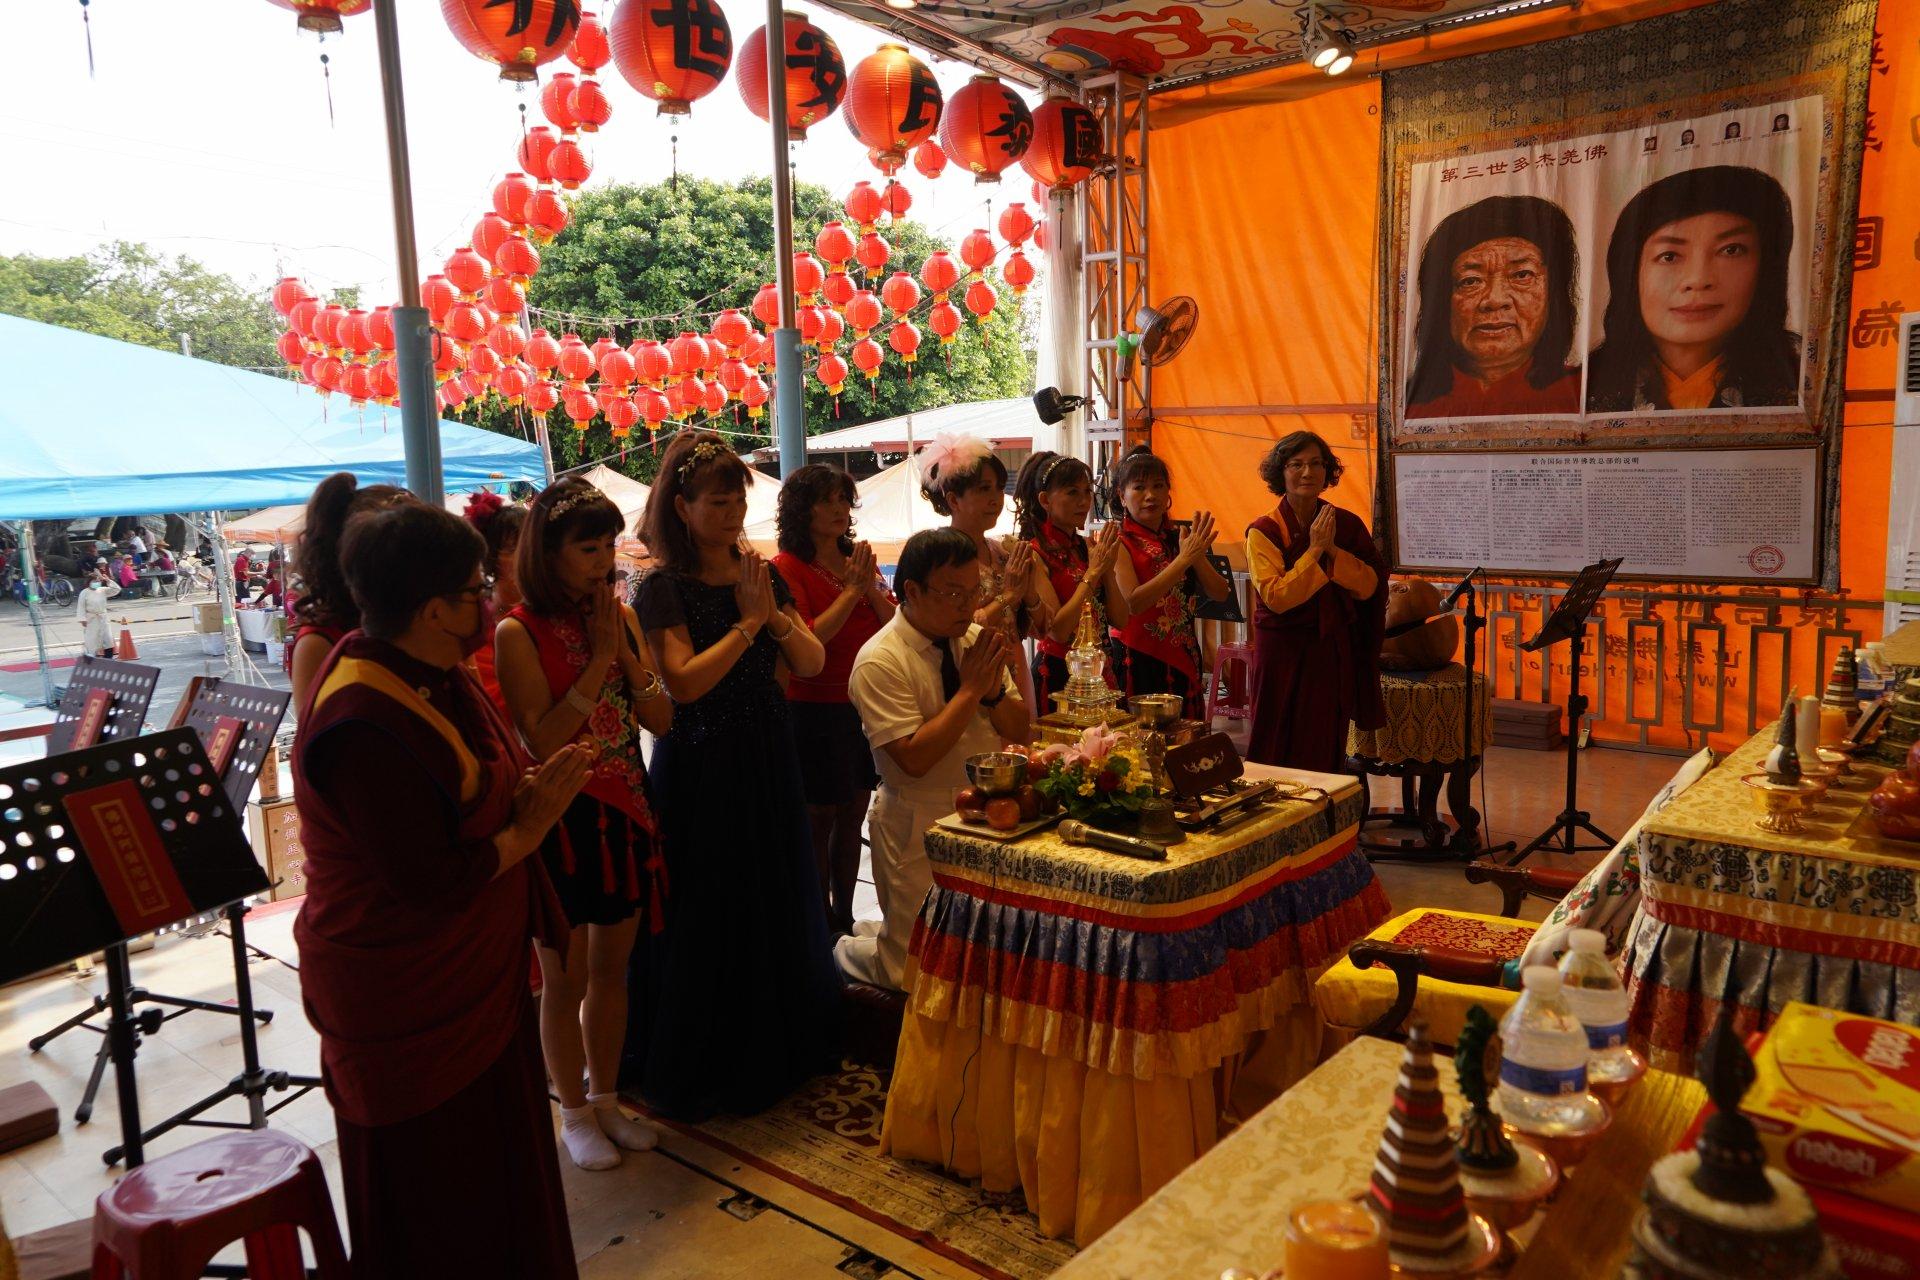 行動佛殿129站高雄永安,表演團體虔誠頂禮南無第三世多杰羌佛